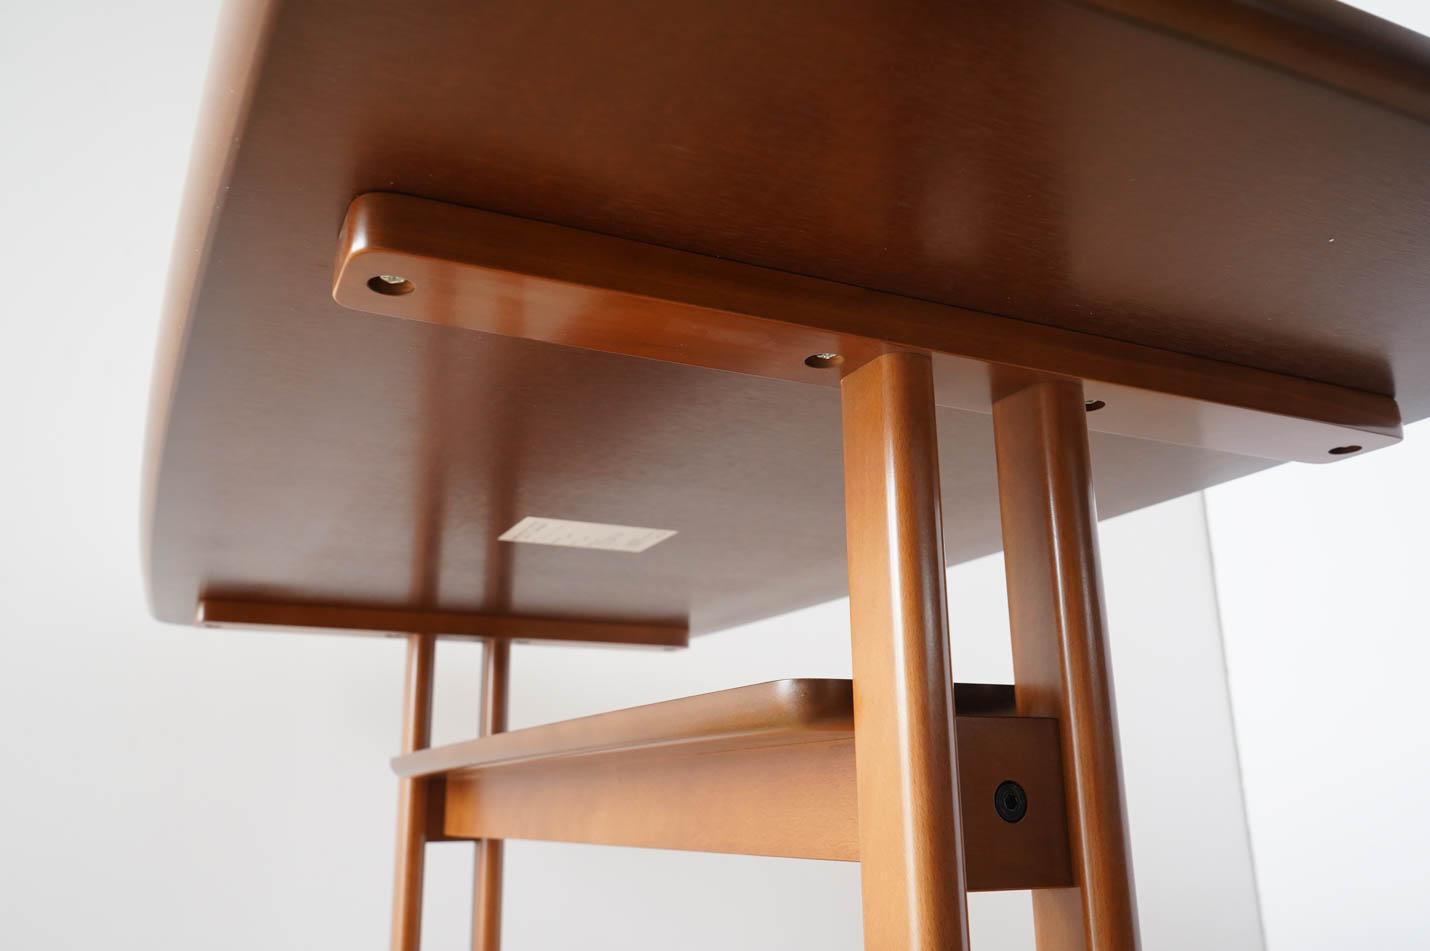 カリモク60+ カフェテーブル1200 天板と脚部の接合部